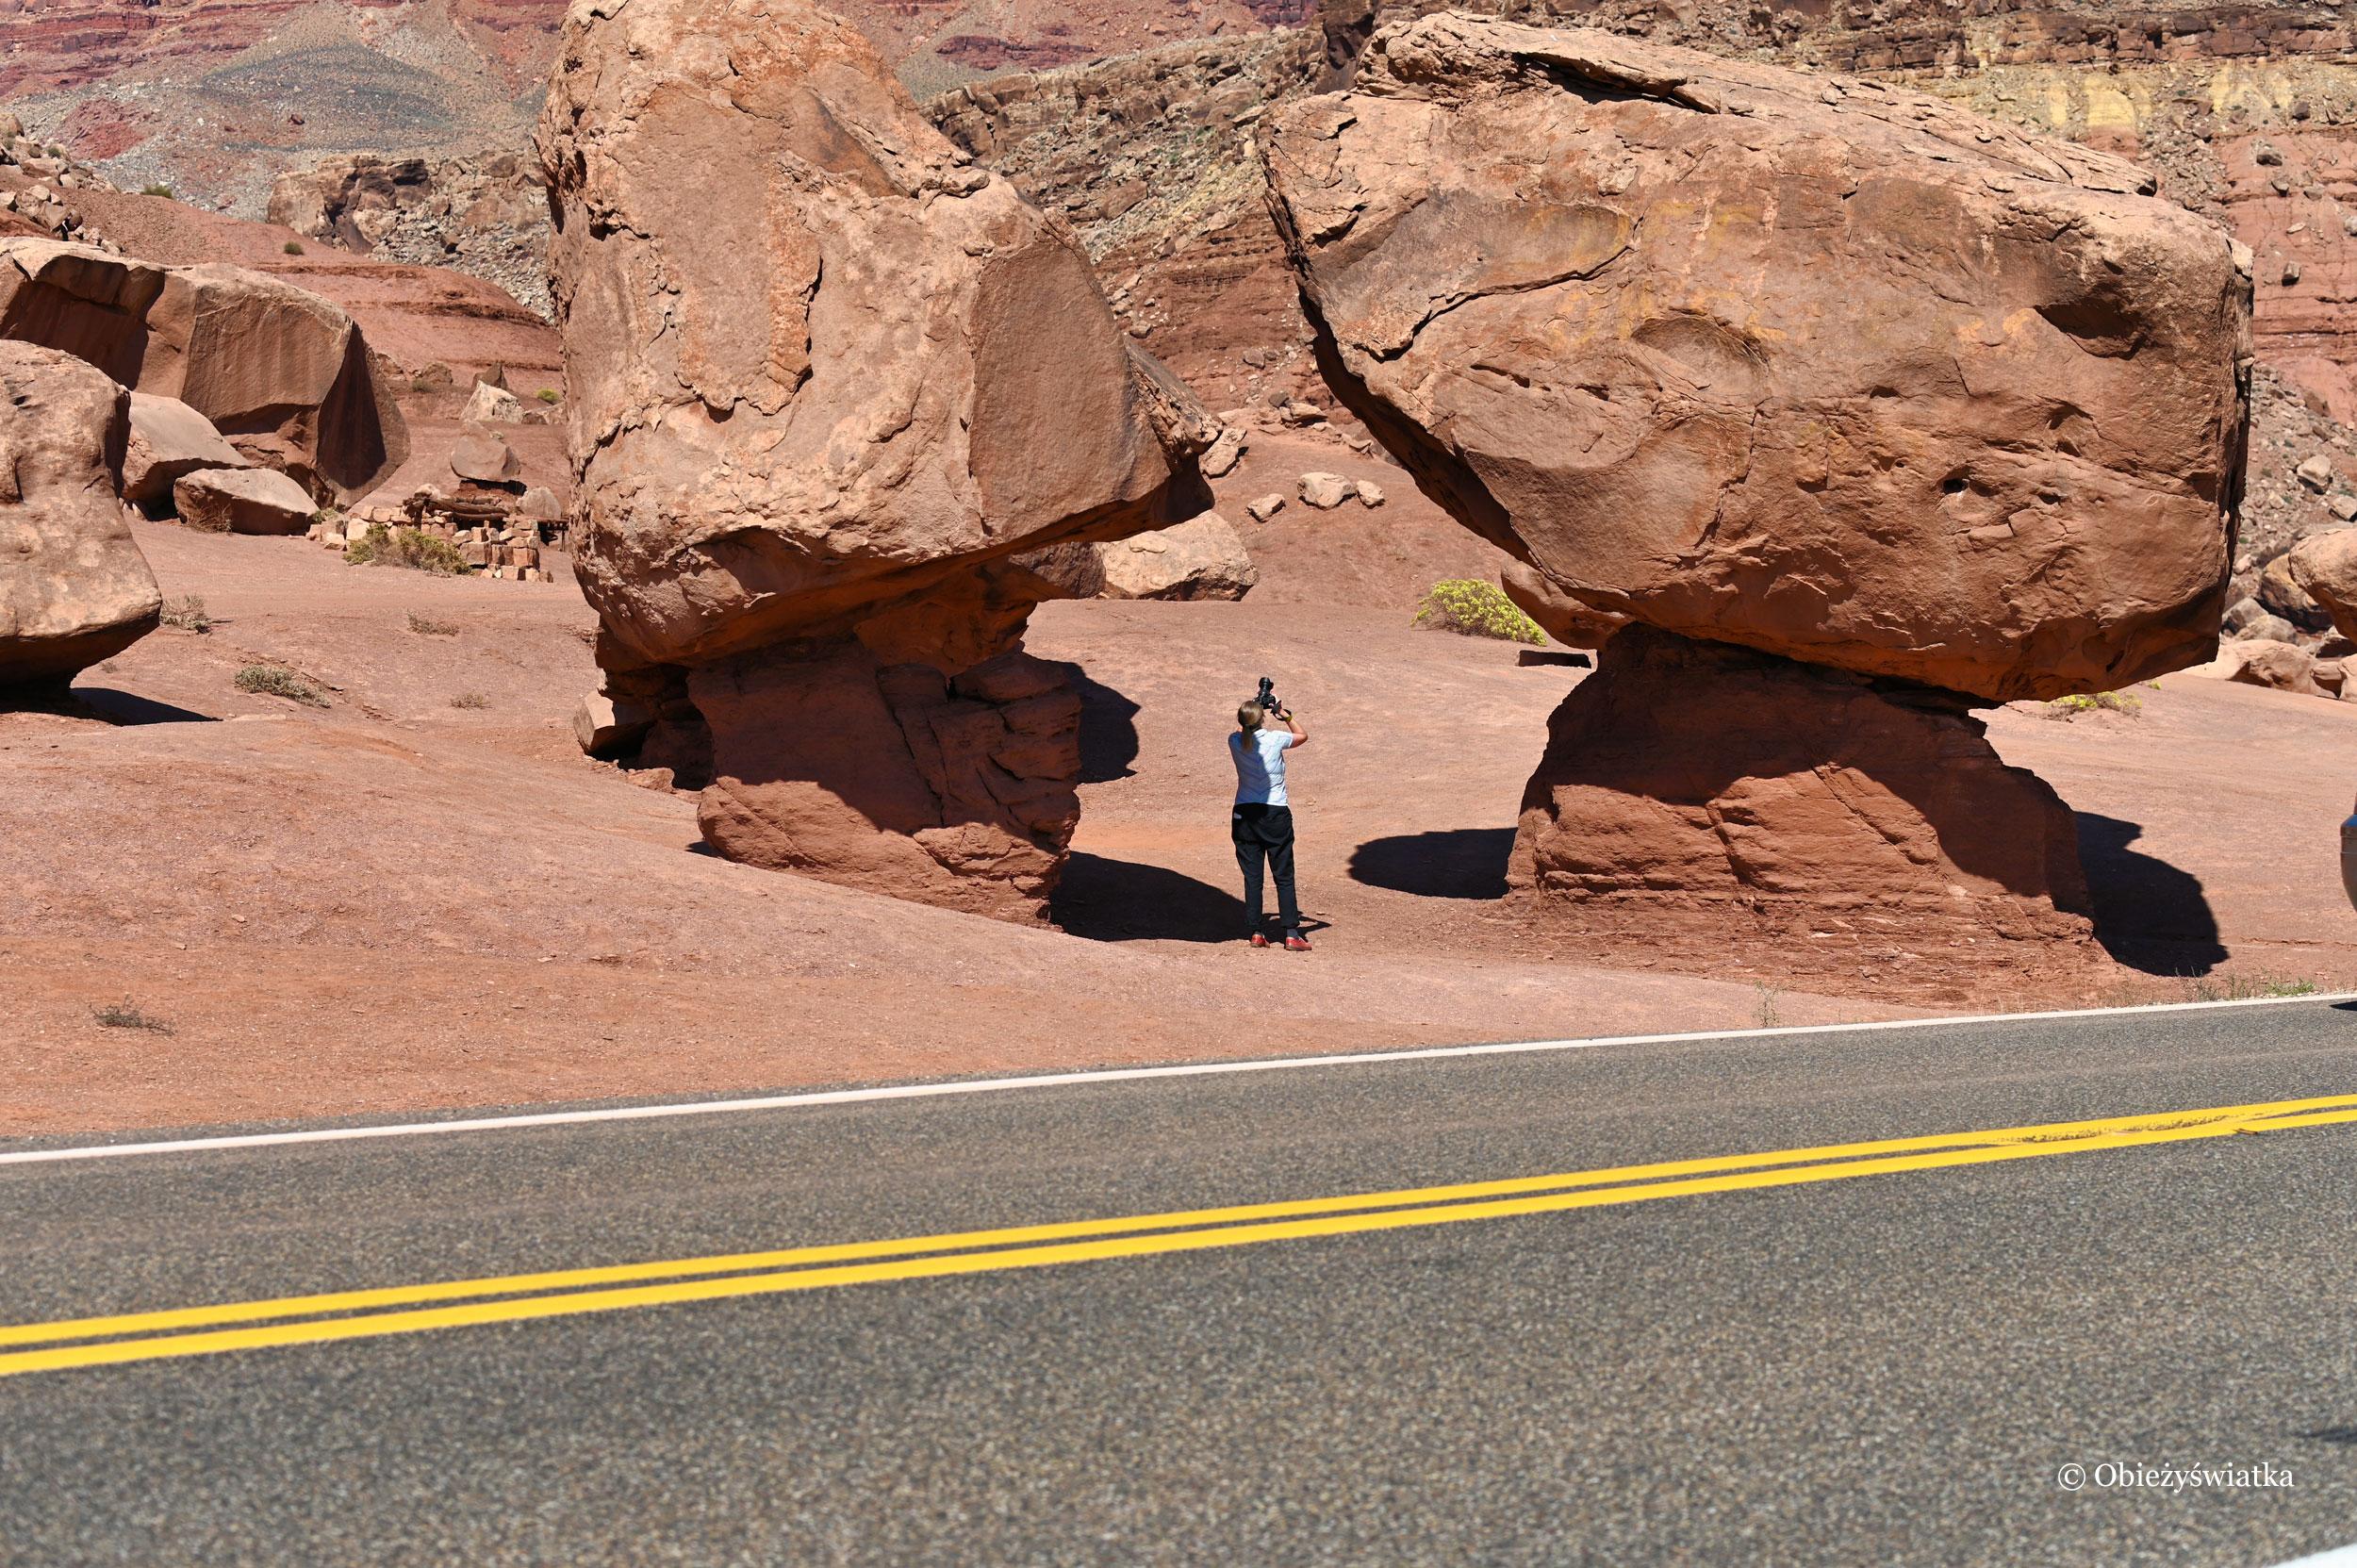 Zaufałam, że się nie zachwieją ;) - Highway 89A, Arizona